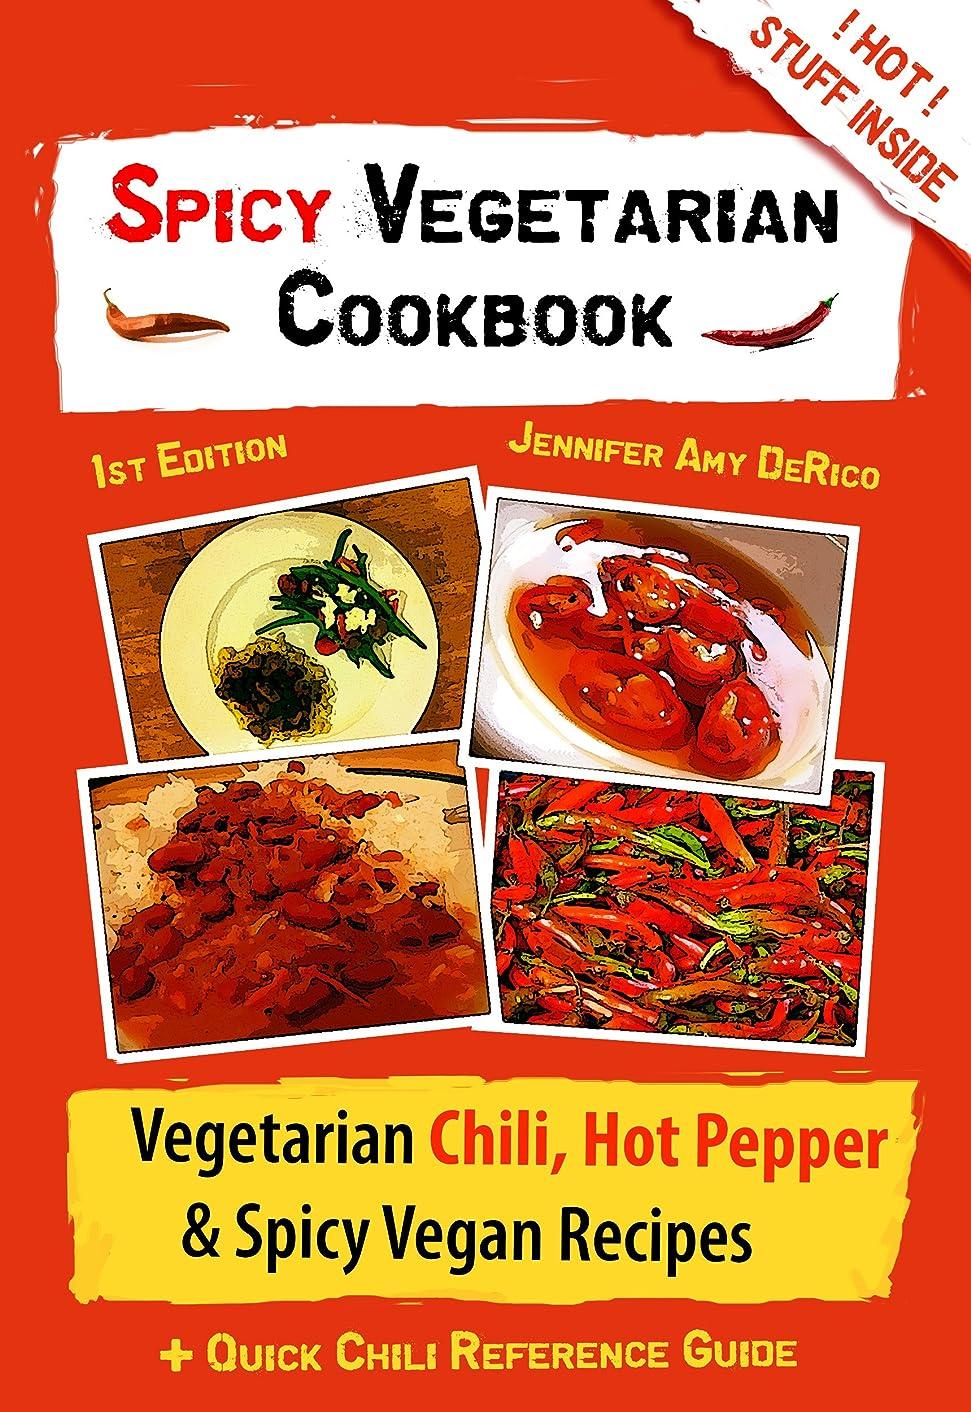 オーストラリア人誠実放散するSpicy Vegetarian Cookbook: Vegetarian Chili, Hot Pepper & Spicy Vegan Recipes (English Edition)